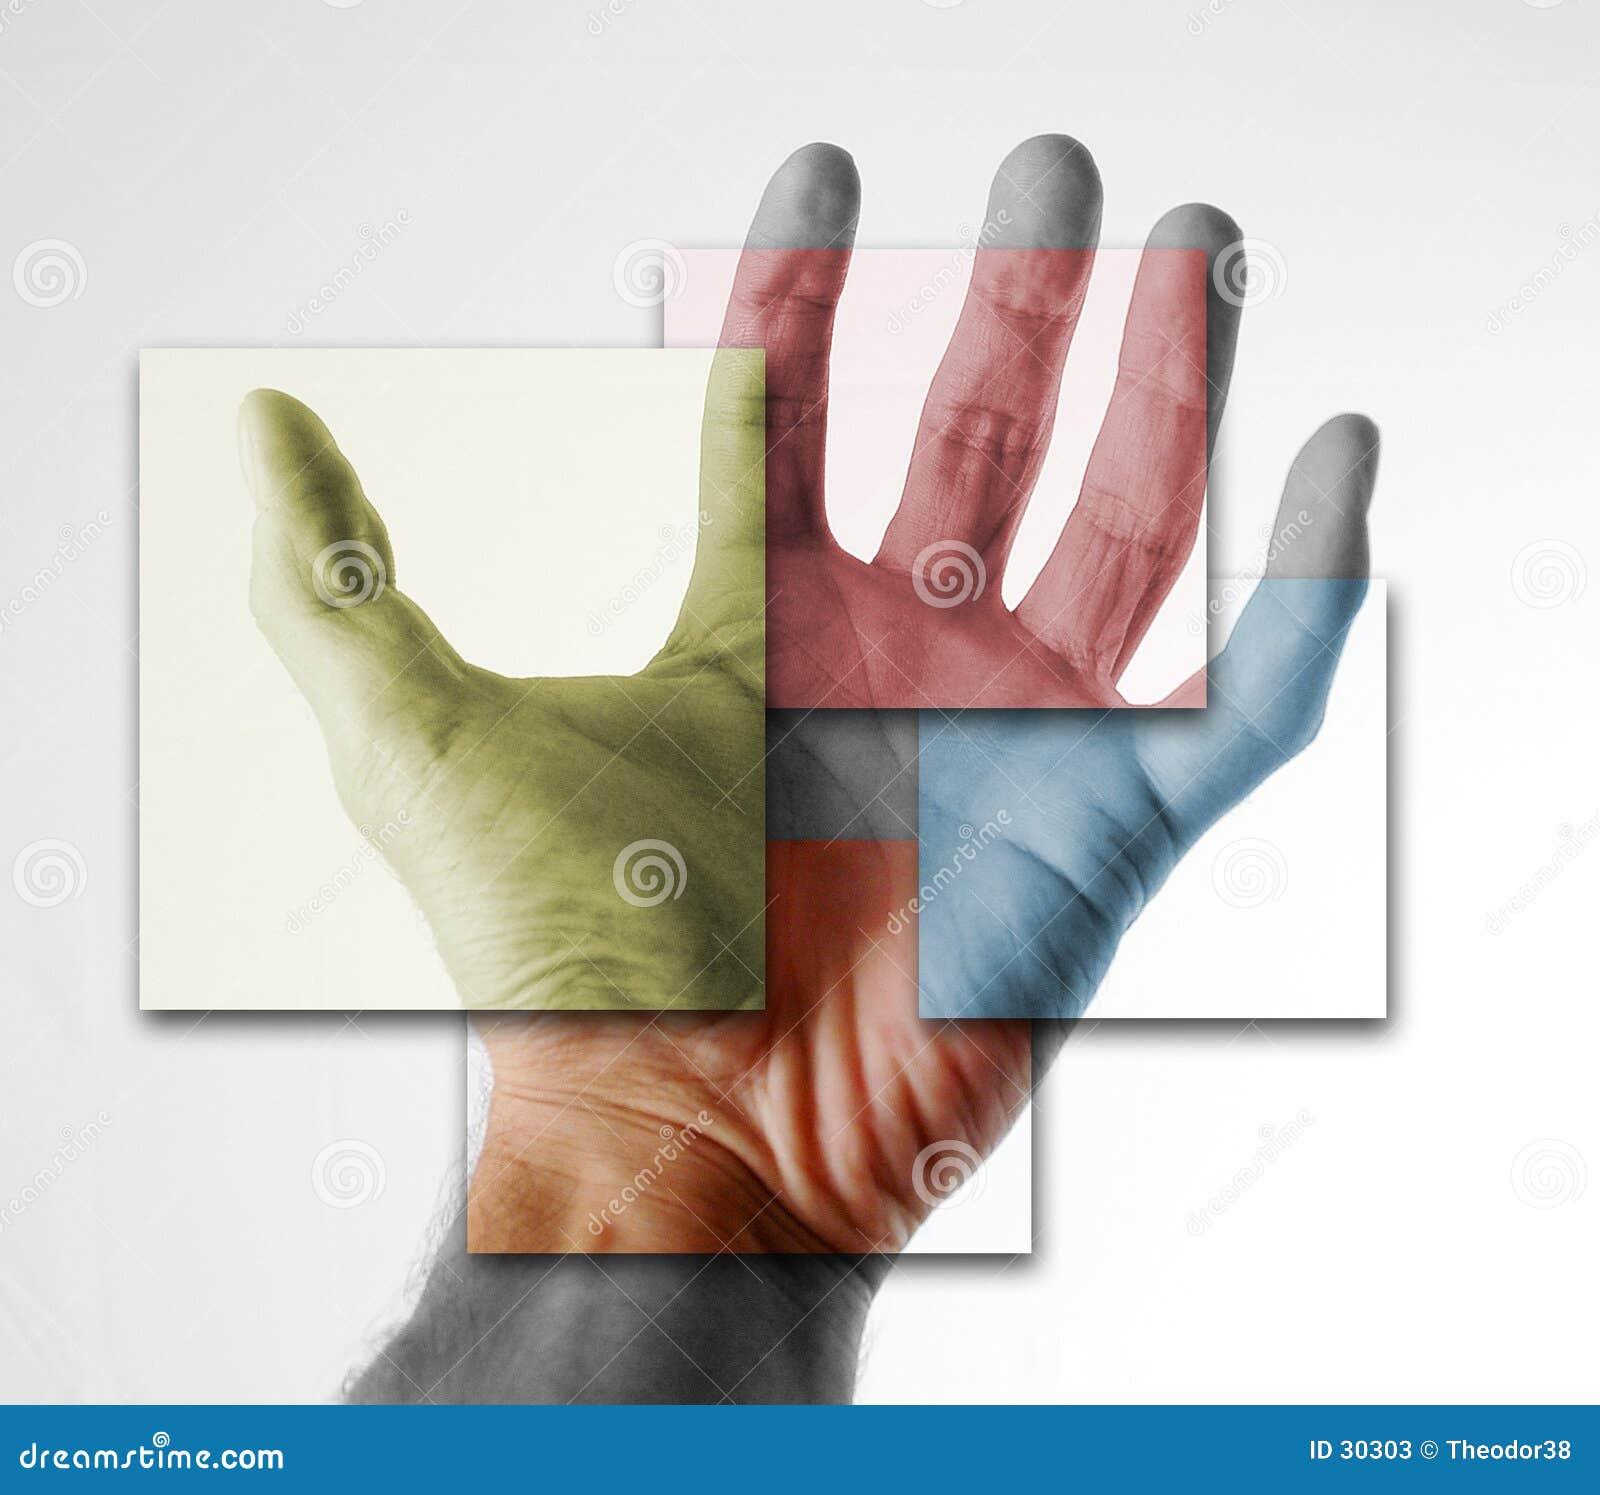 Hand - 2